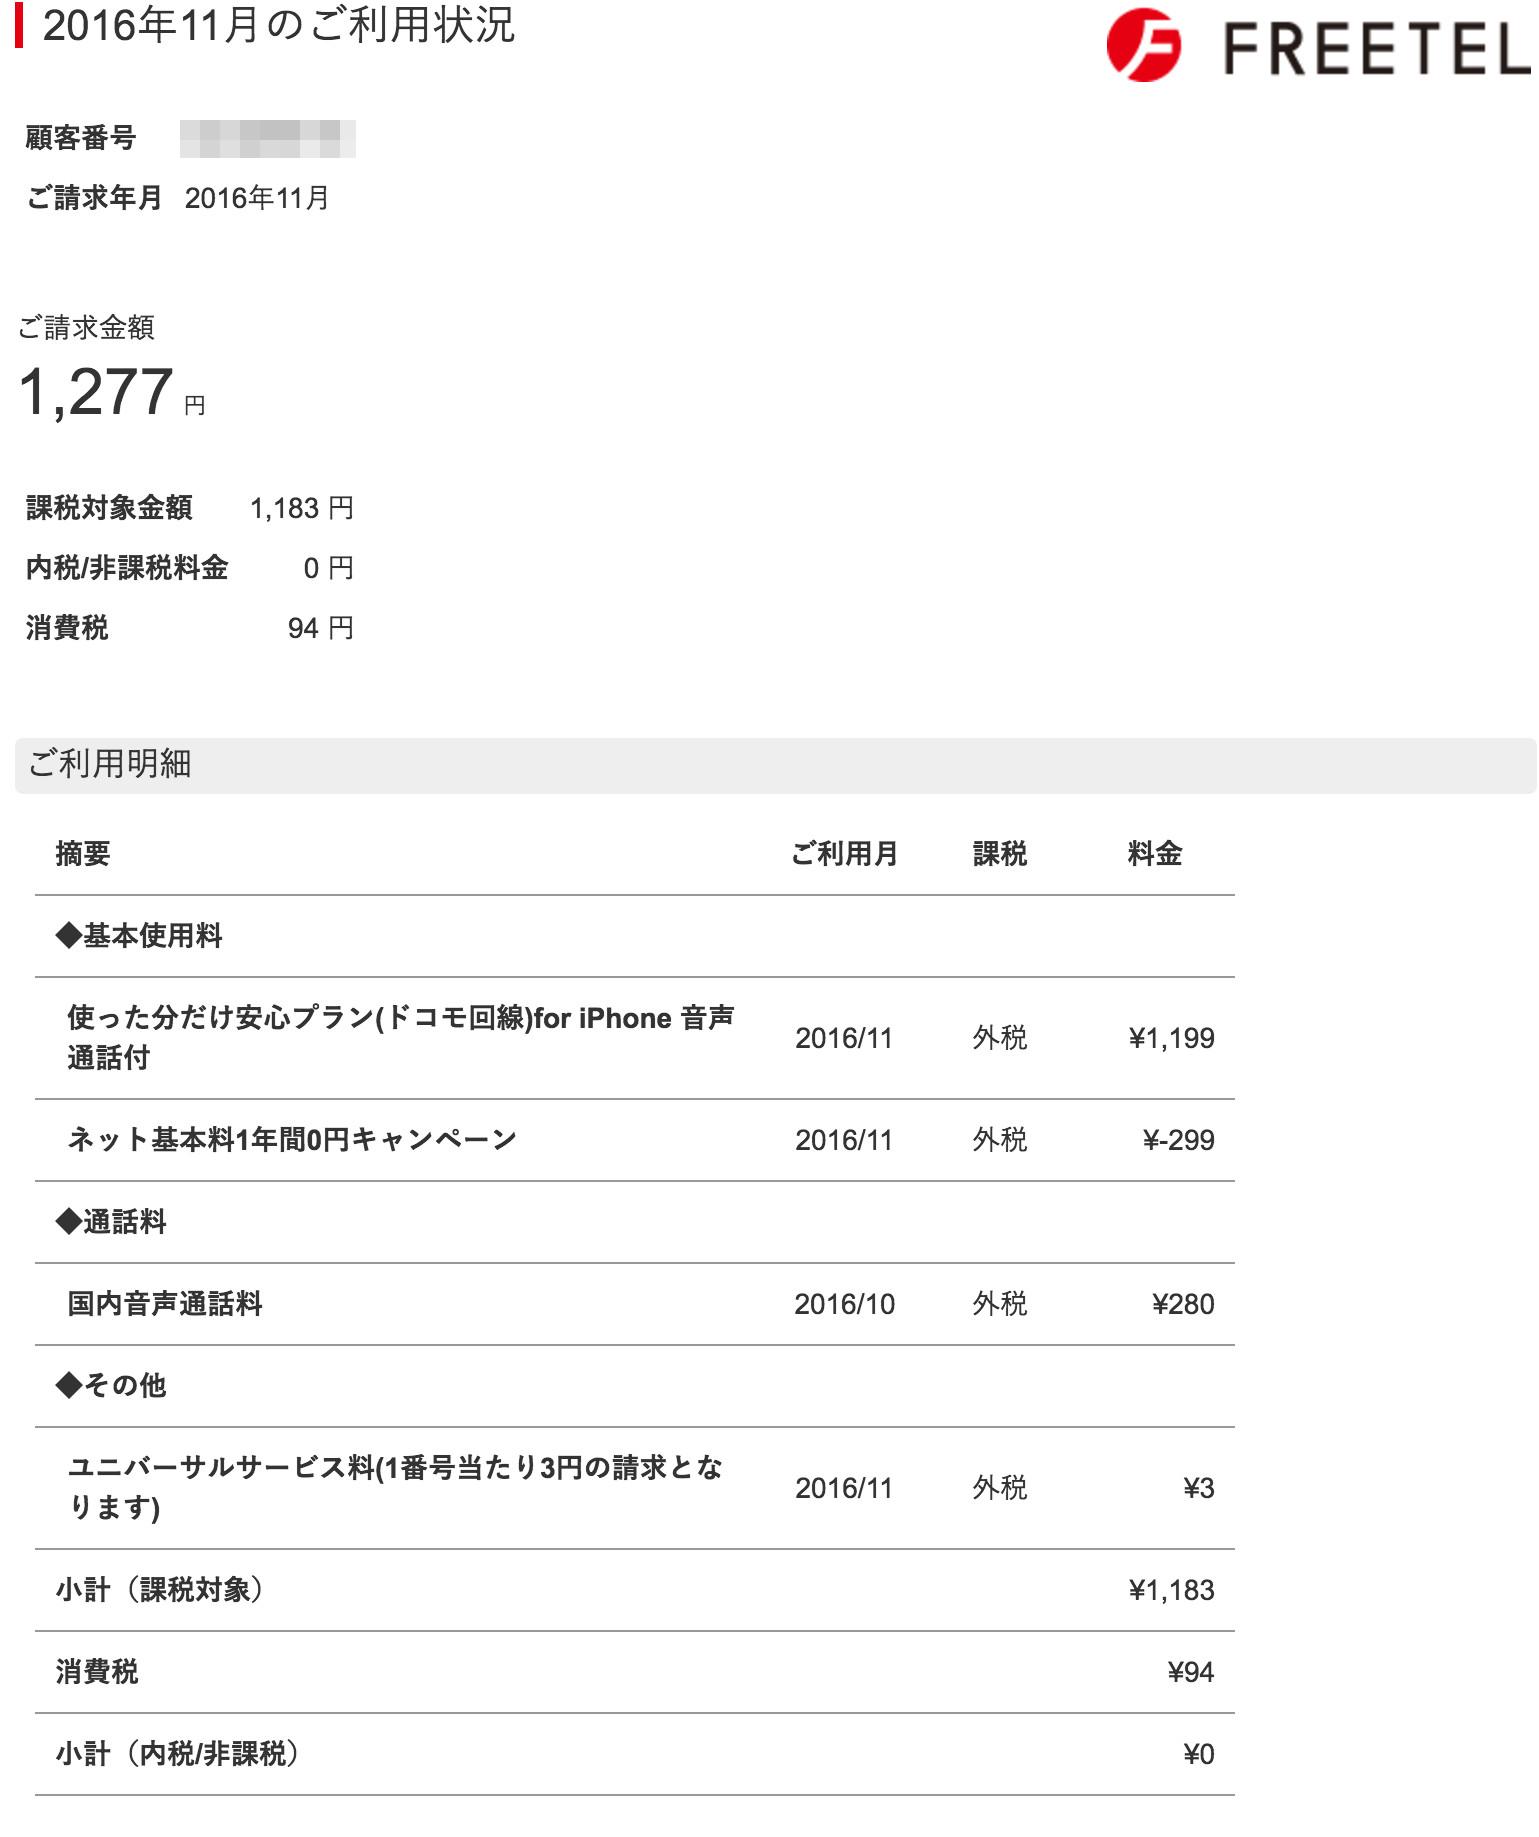 FREETEL 2016/11 明細